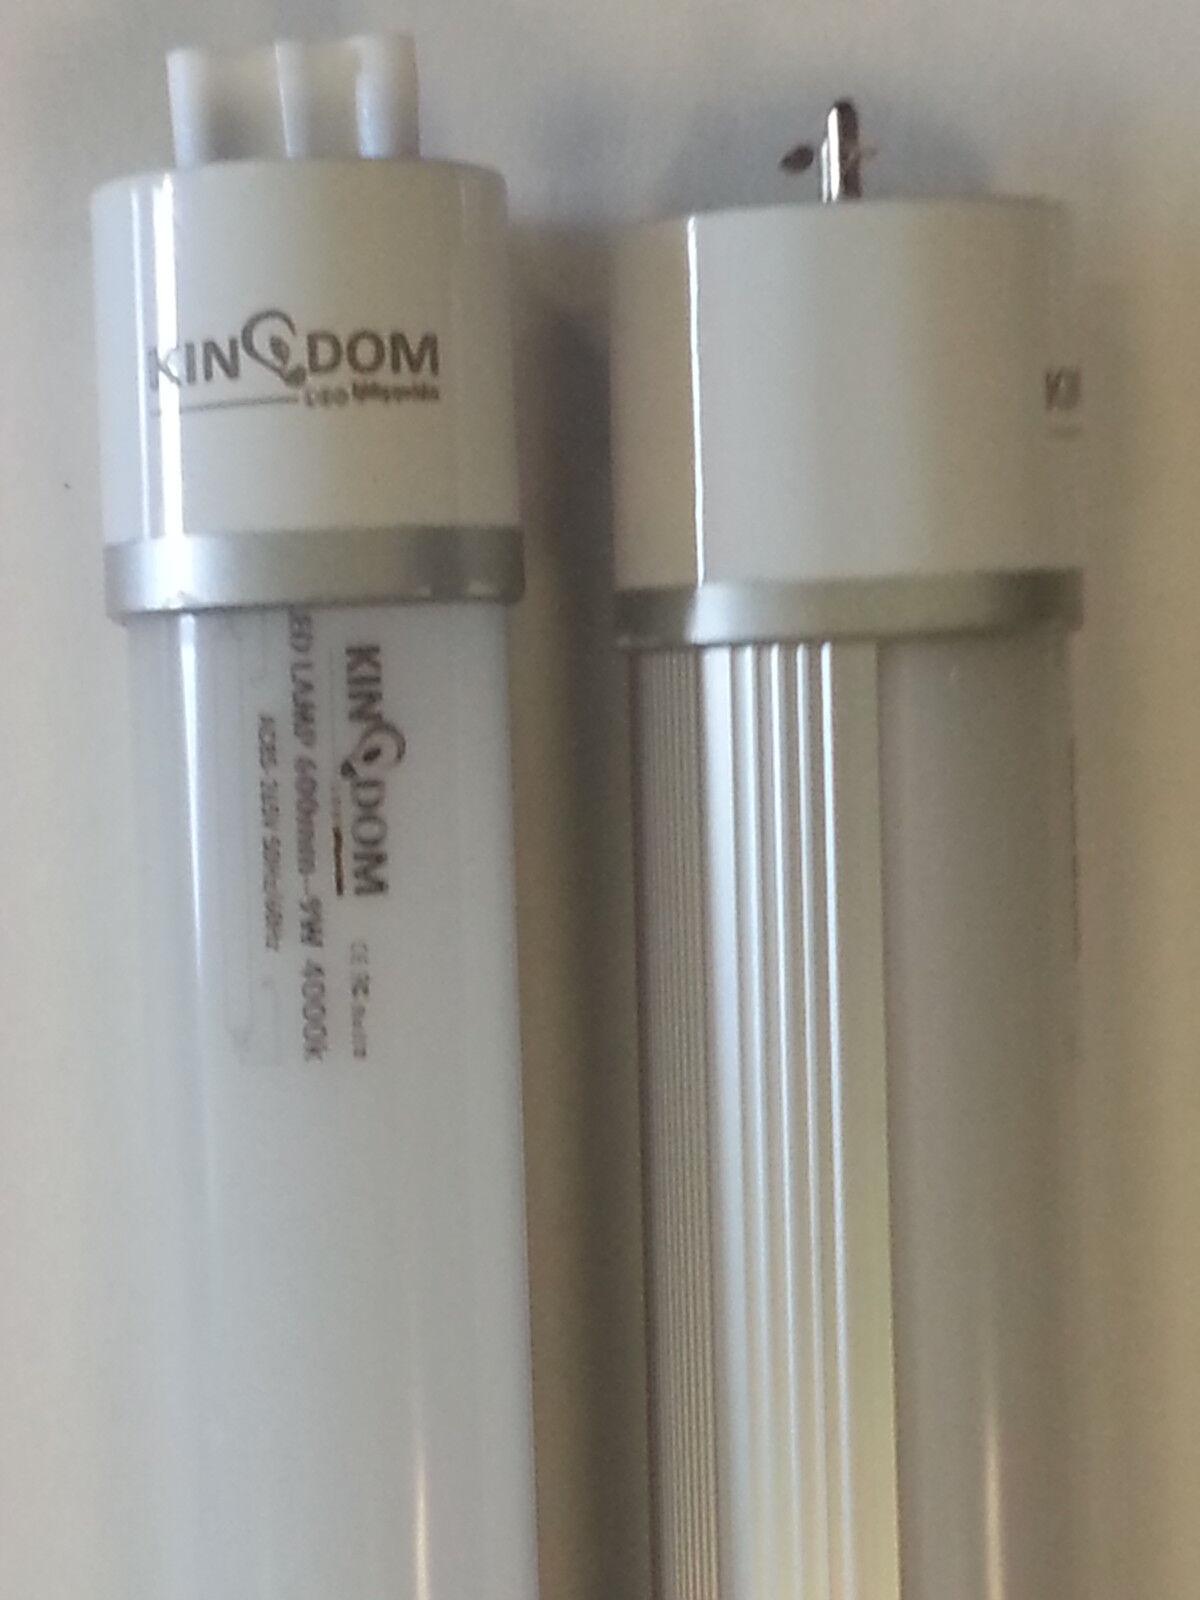 25x LED T8 Light Tube 2ft 4ft  Fluorescent Light Tube Replacement new uk seller